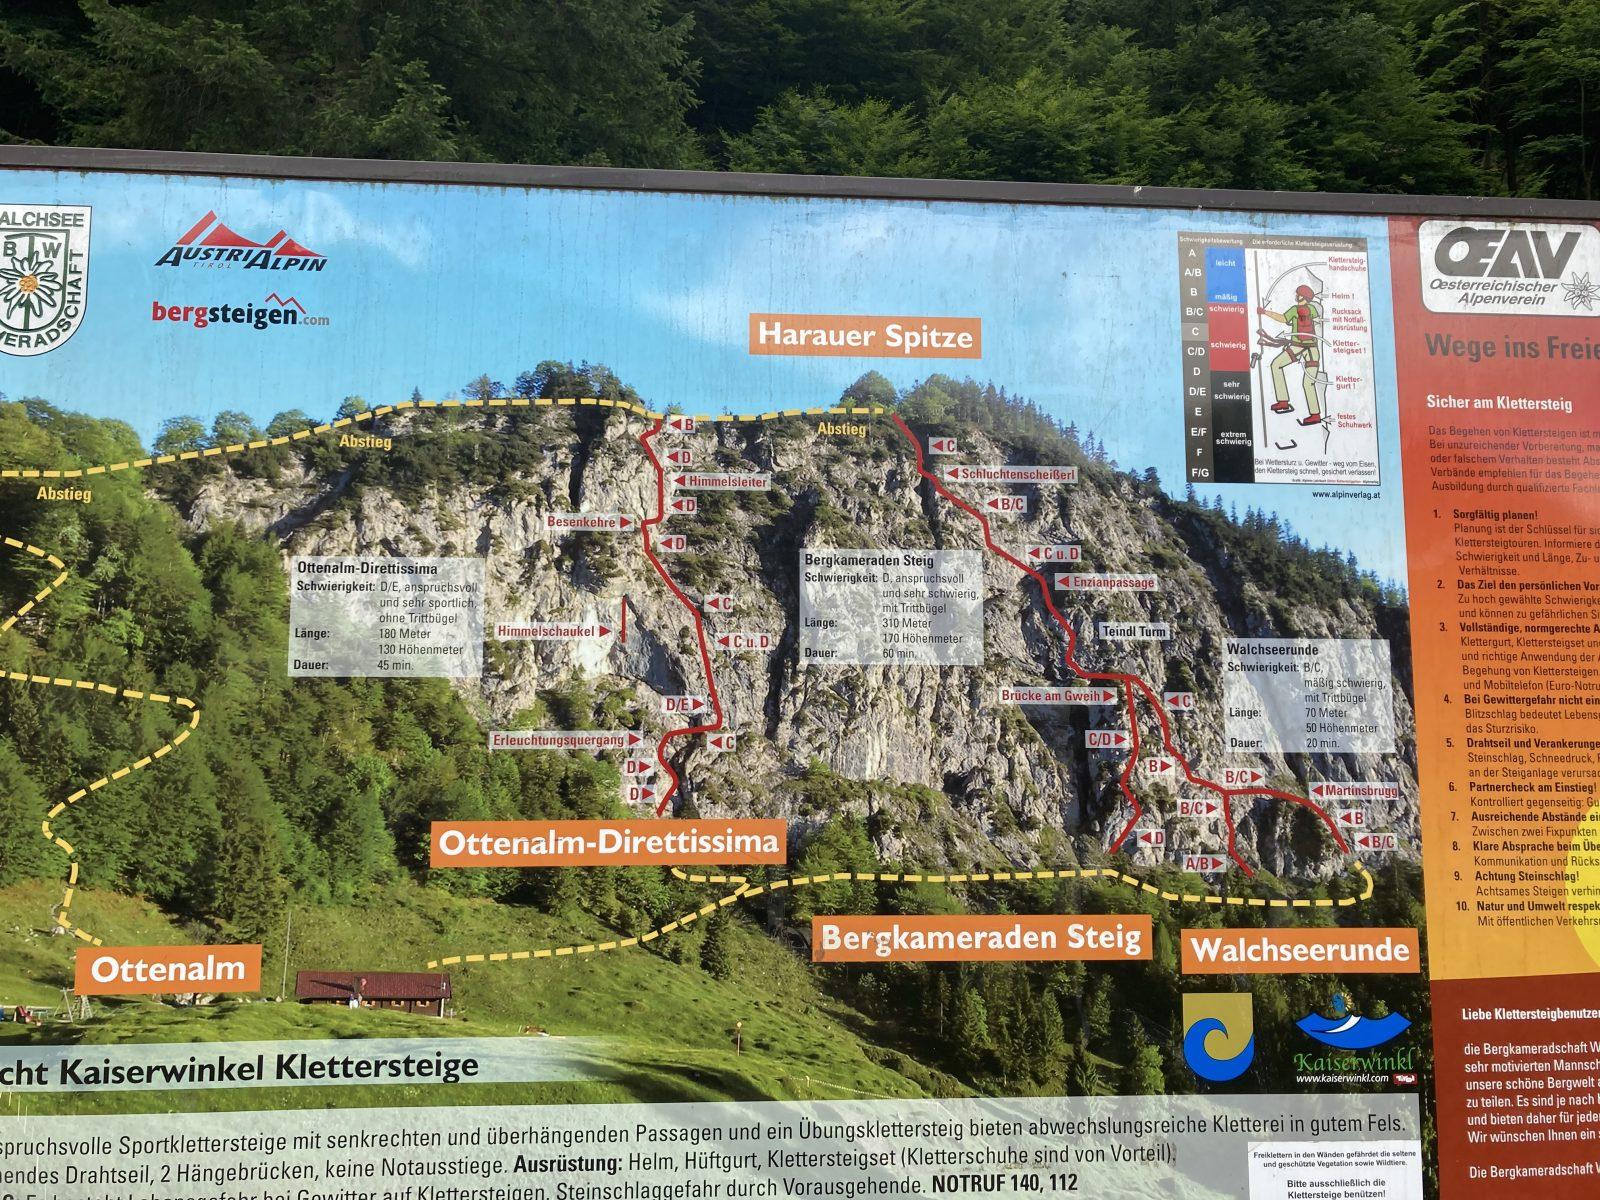 Beschilderung beim Einstieg in die Kletterarena, Foto: Susa Schreiner Climbers Paradise